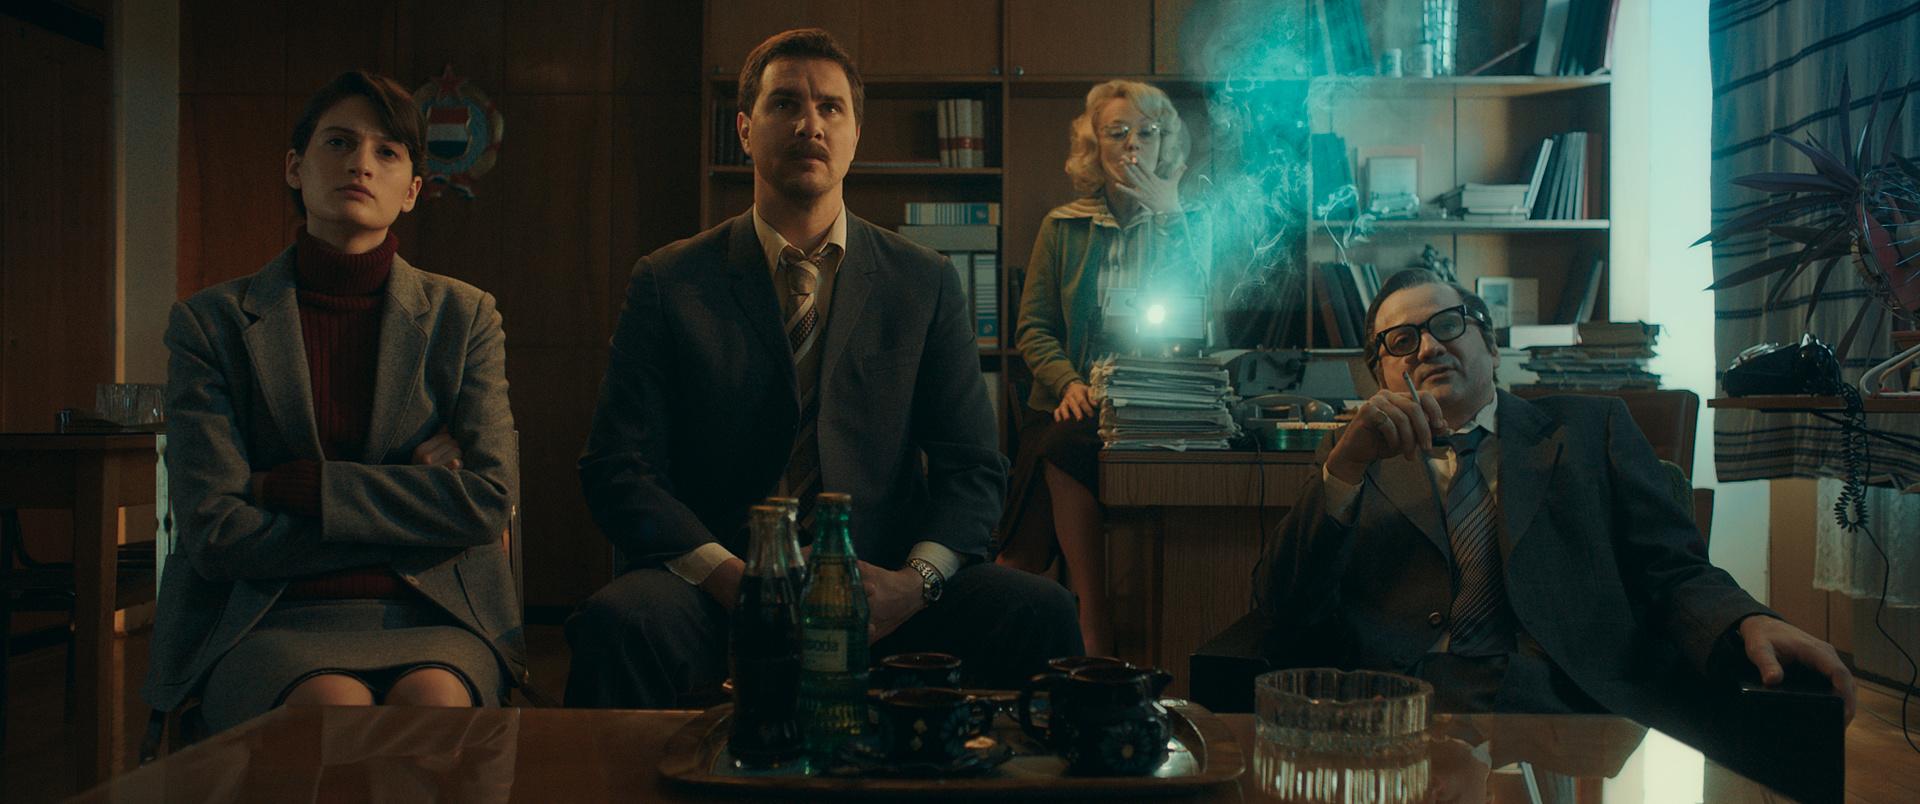 drakulics elvtars film nagy zsolt bodocs tibor Walters Lili Nagy Ervin Thuroczy Szabolcs